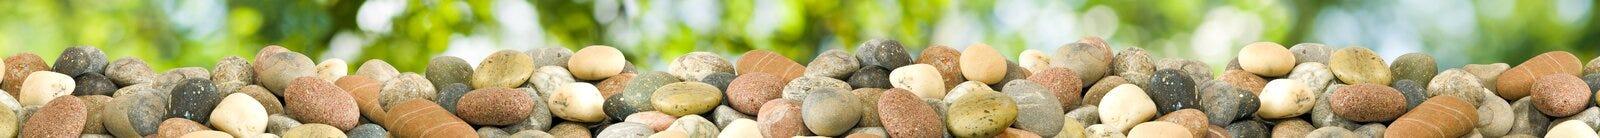 Steine auf einem grünen Hintergrund Panorama Lizenzfreie Stockbilder